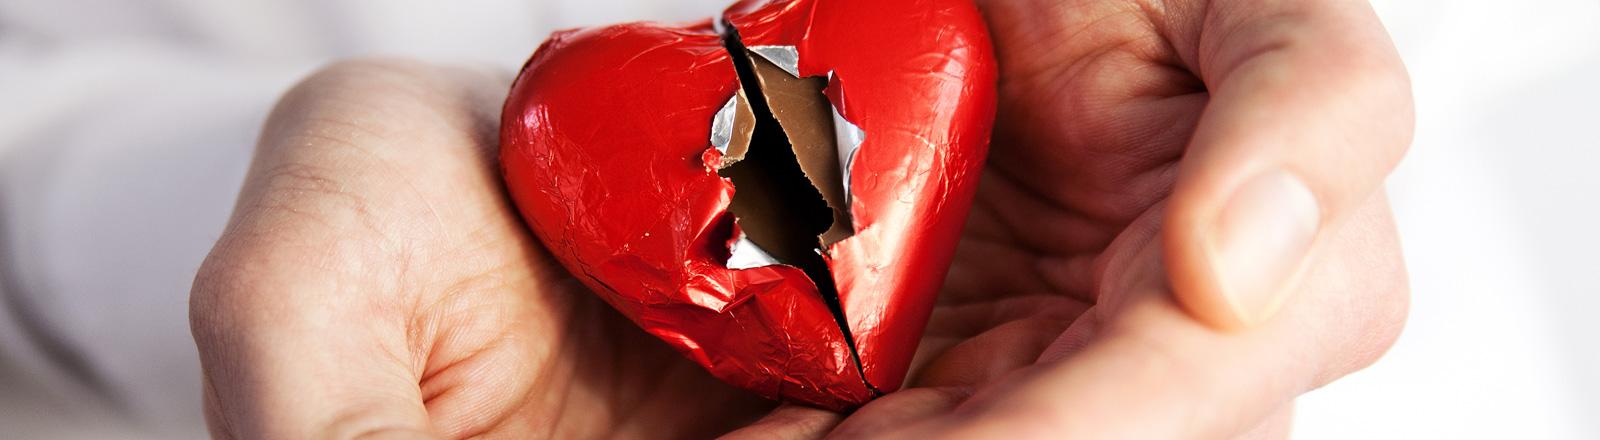 Zwei Hände halten ein Herz aus Schokolade mit roter Alu-Hülle. In der Mitte ist die Hülle kaputt.